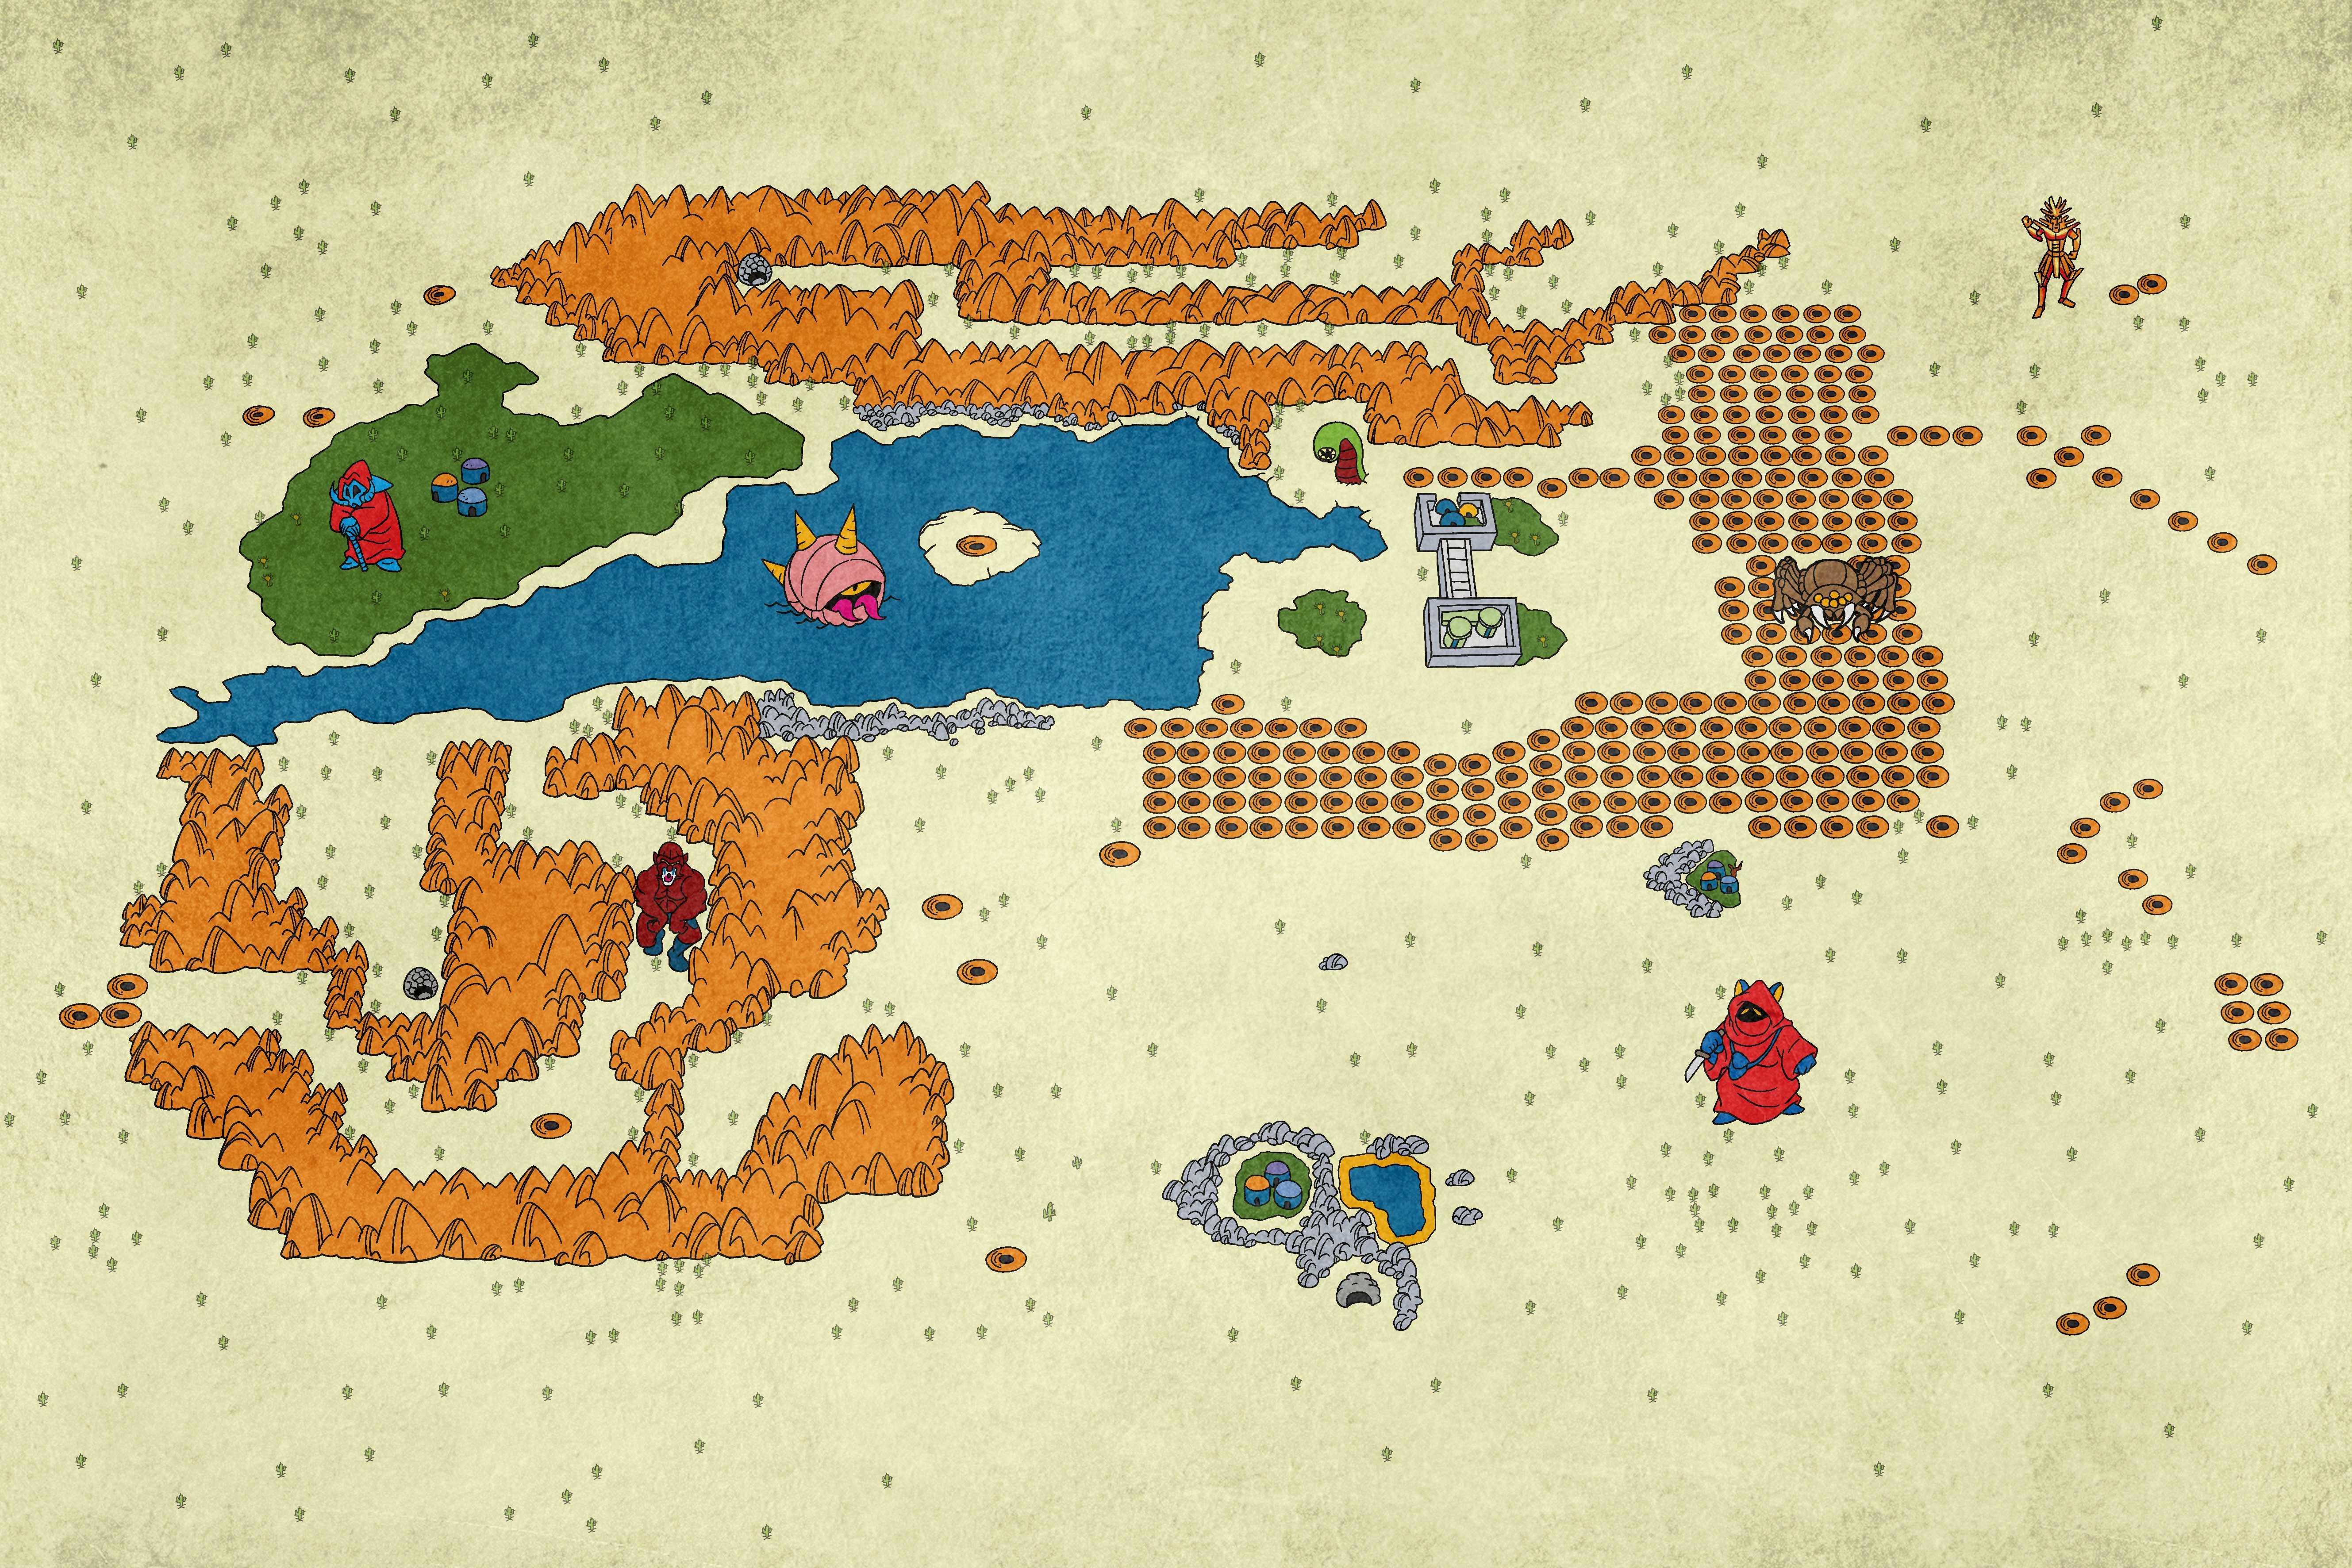 Phantasy Star 4 World Map.Downloads A Gazeta De Algol